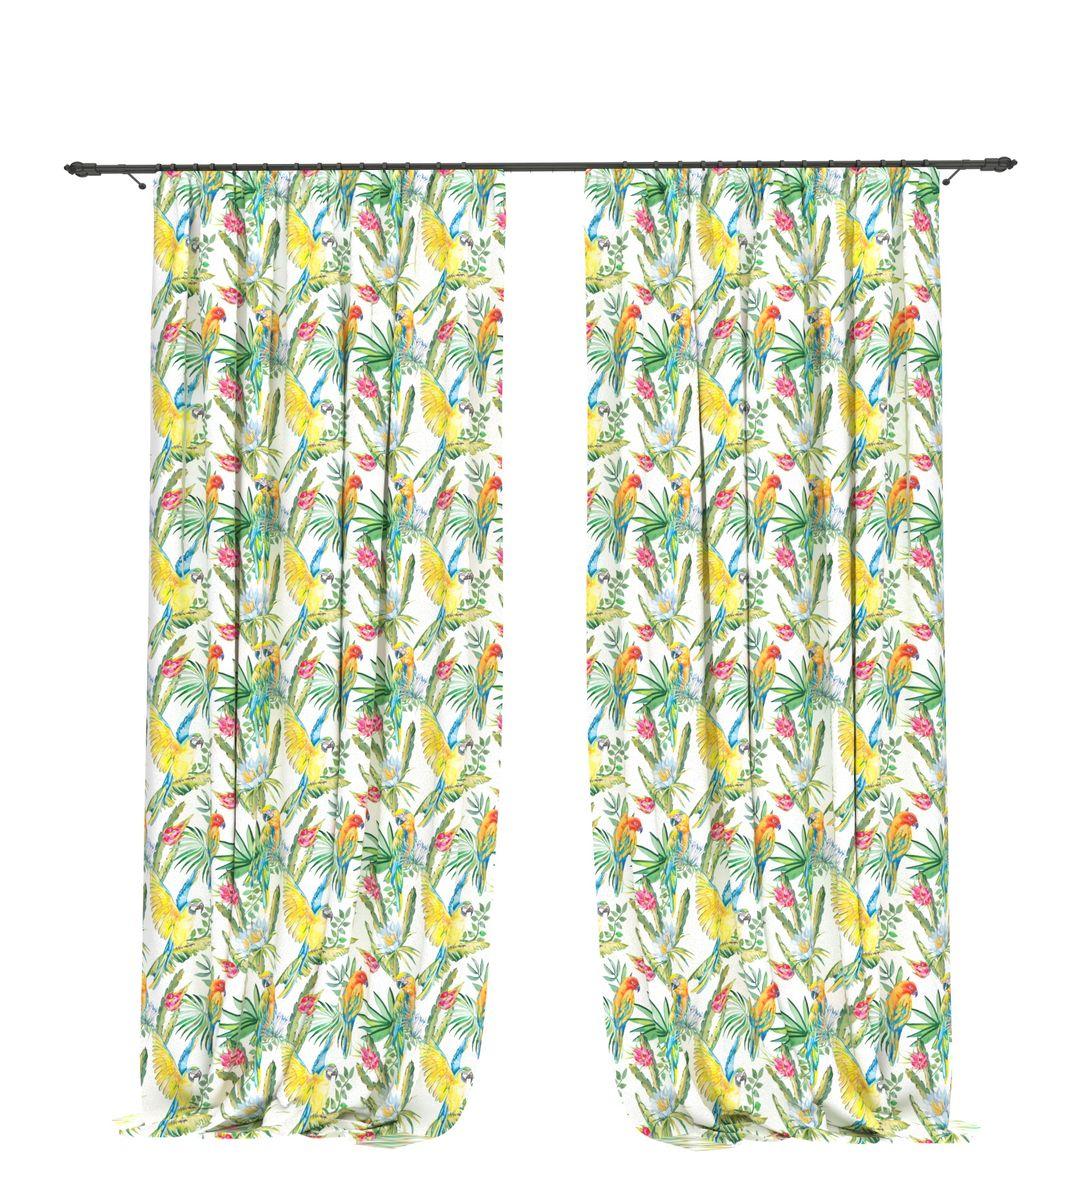 Комплект фотоштор Bellino Home Попугай в кактусе, высота 260 см. 05526-ФШ-ГБ-00105526-ФШ-ГБ-001Комплект фотоштор BELLINO HOME, коллекция Тропики. Рожденный вдоль экватора тропический стиль смешивает множество культур и традиций в единое целое. Эта коллекция подобно котлу, в котором варятся туземные материалы, элегантная простота, экзотические мотивы и море солнечного света. Будто бы вечные каникулы: здесь замедляется время и замирает суета мегаполиса. Богатое разнообразие флоры и фауны способно преобразить атмосферу любого интерьера. Крепление на карниз при помощи шторной ленты на крючки.В комплекте: Портьера: 2 шт. Размер (ШхВ): 145 см х 260 см. Рекомендации по уходу: стирка при 30 градусах гладить при температуре до 150 градусов Изображение на мониторе может немного отличаться от реального.